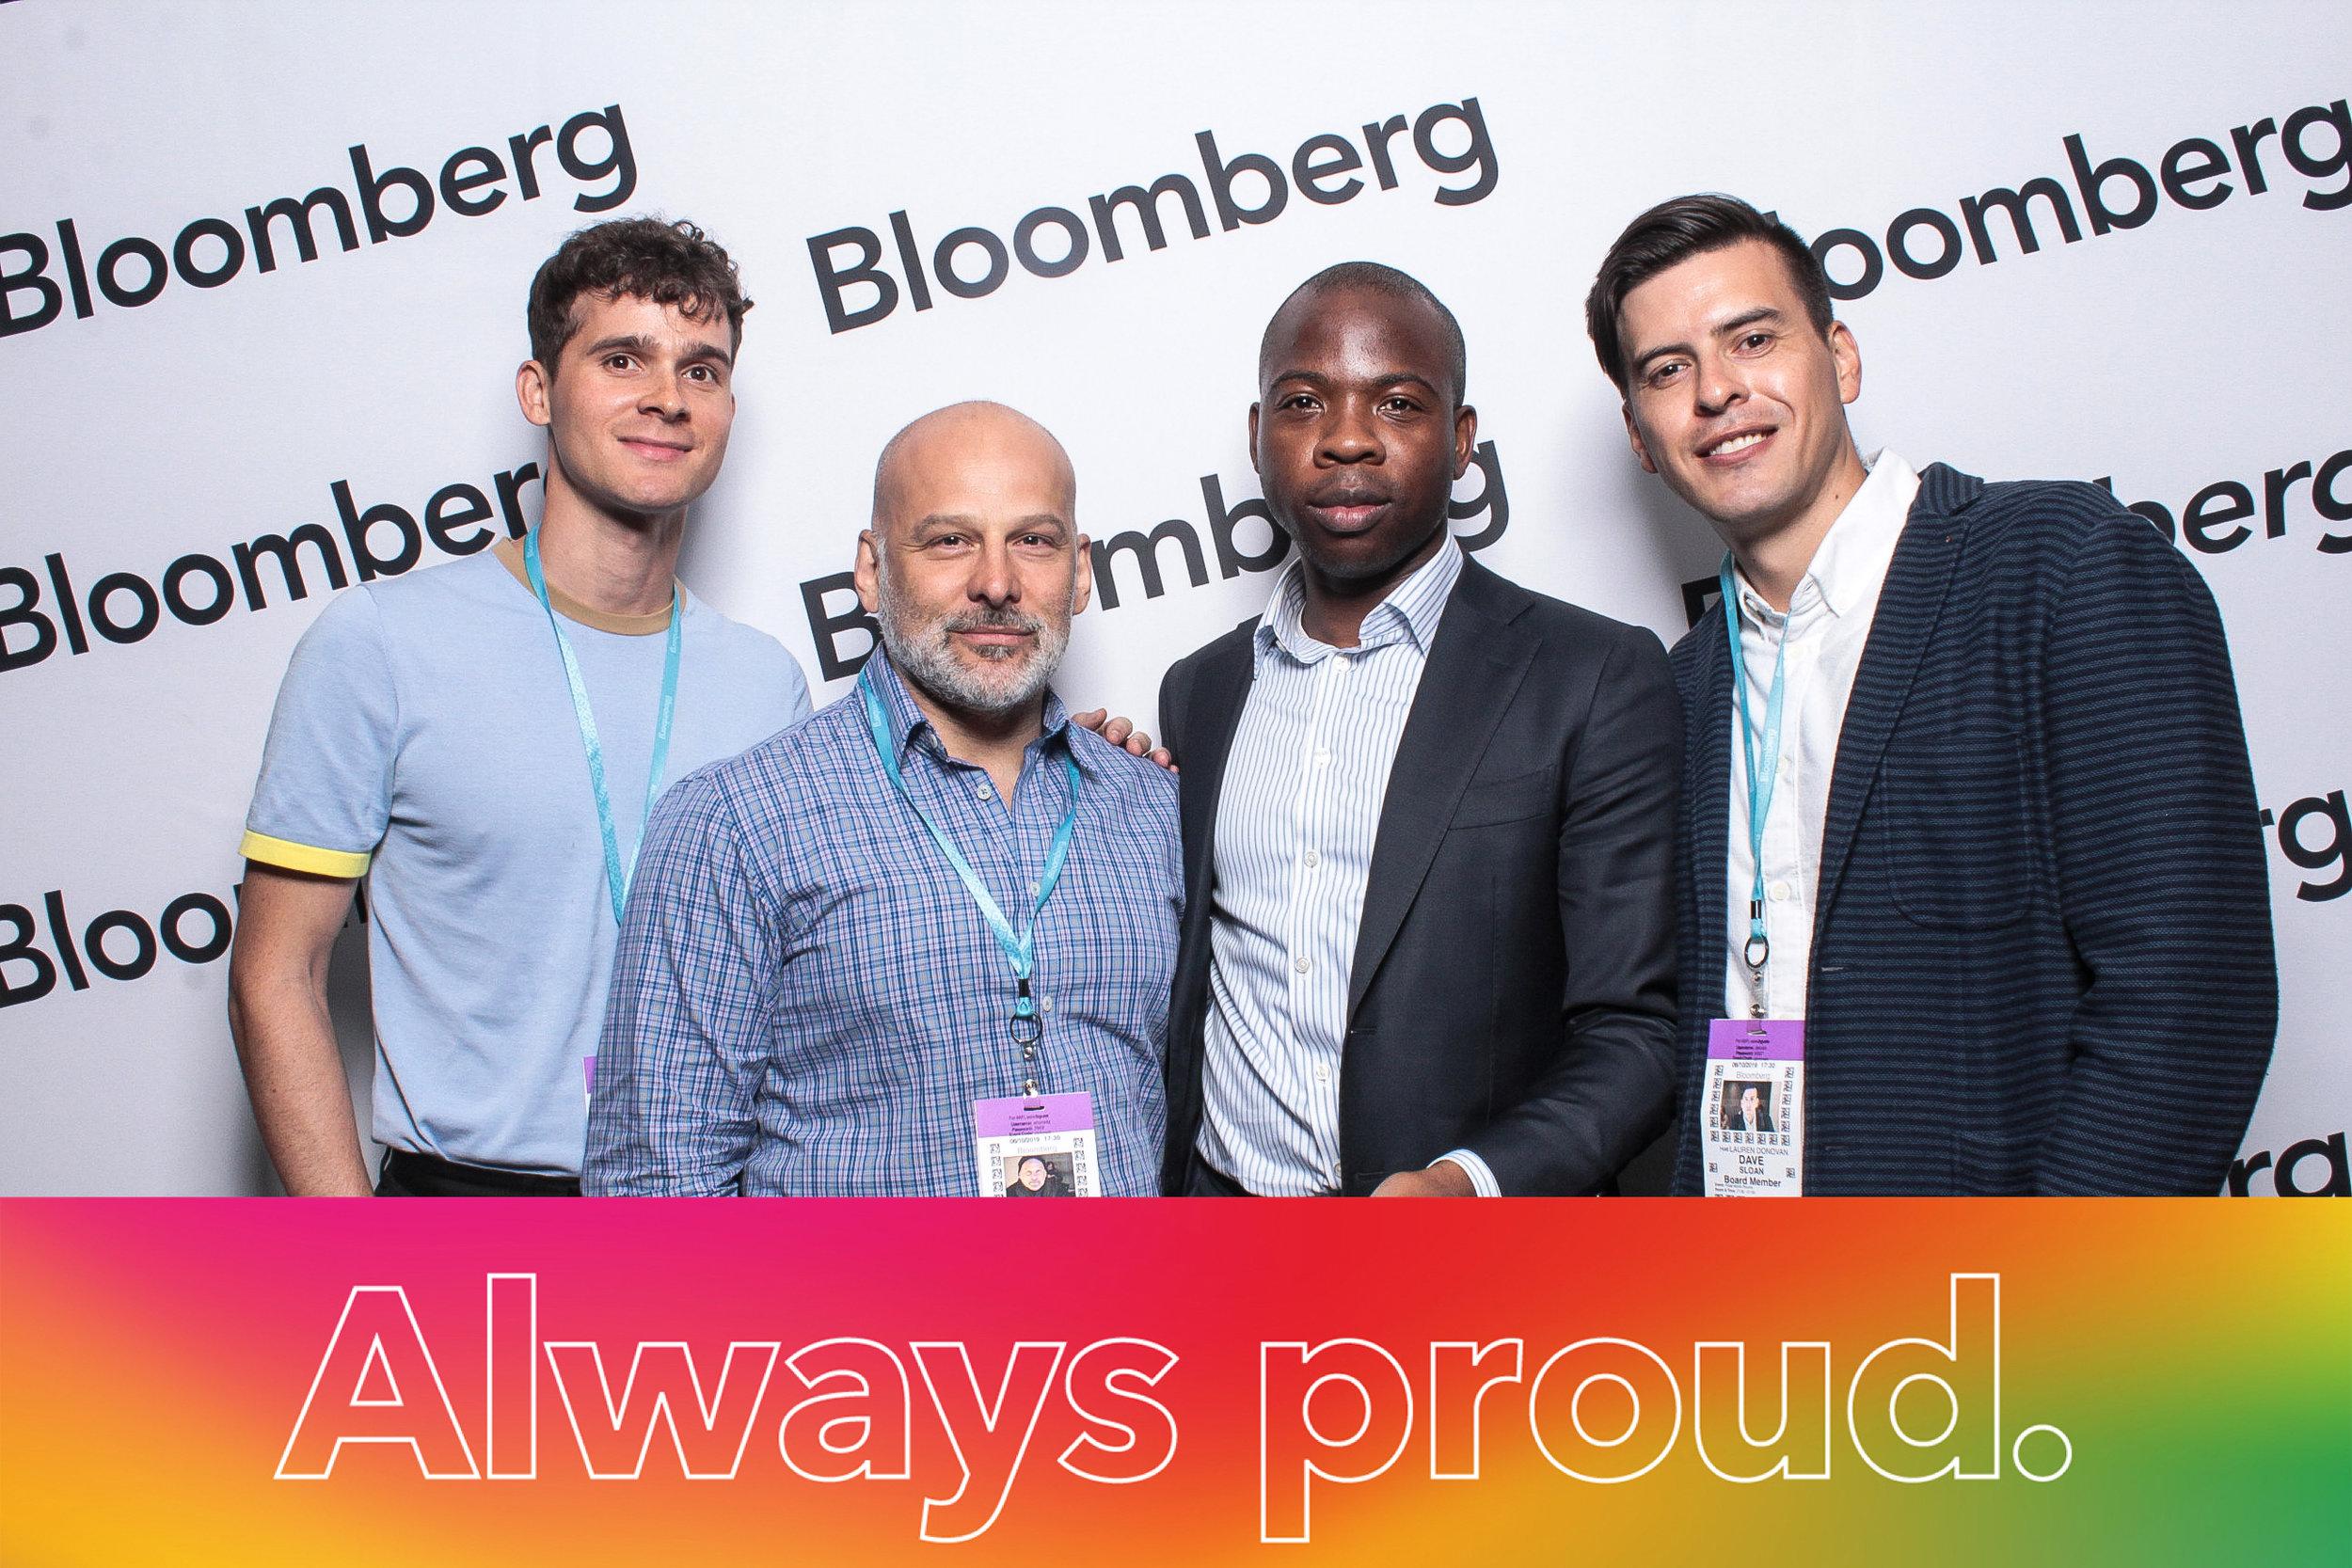 20190610_Bloomberg-028.jpg